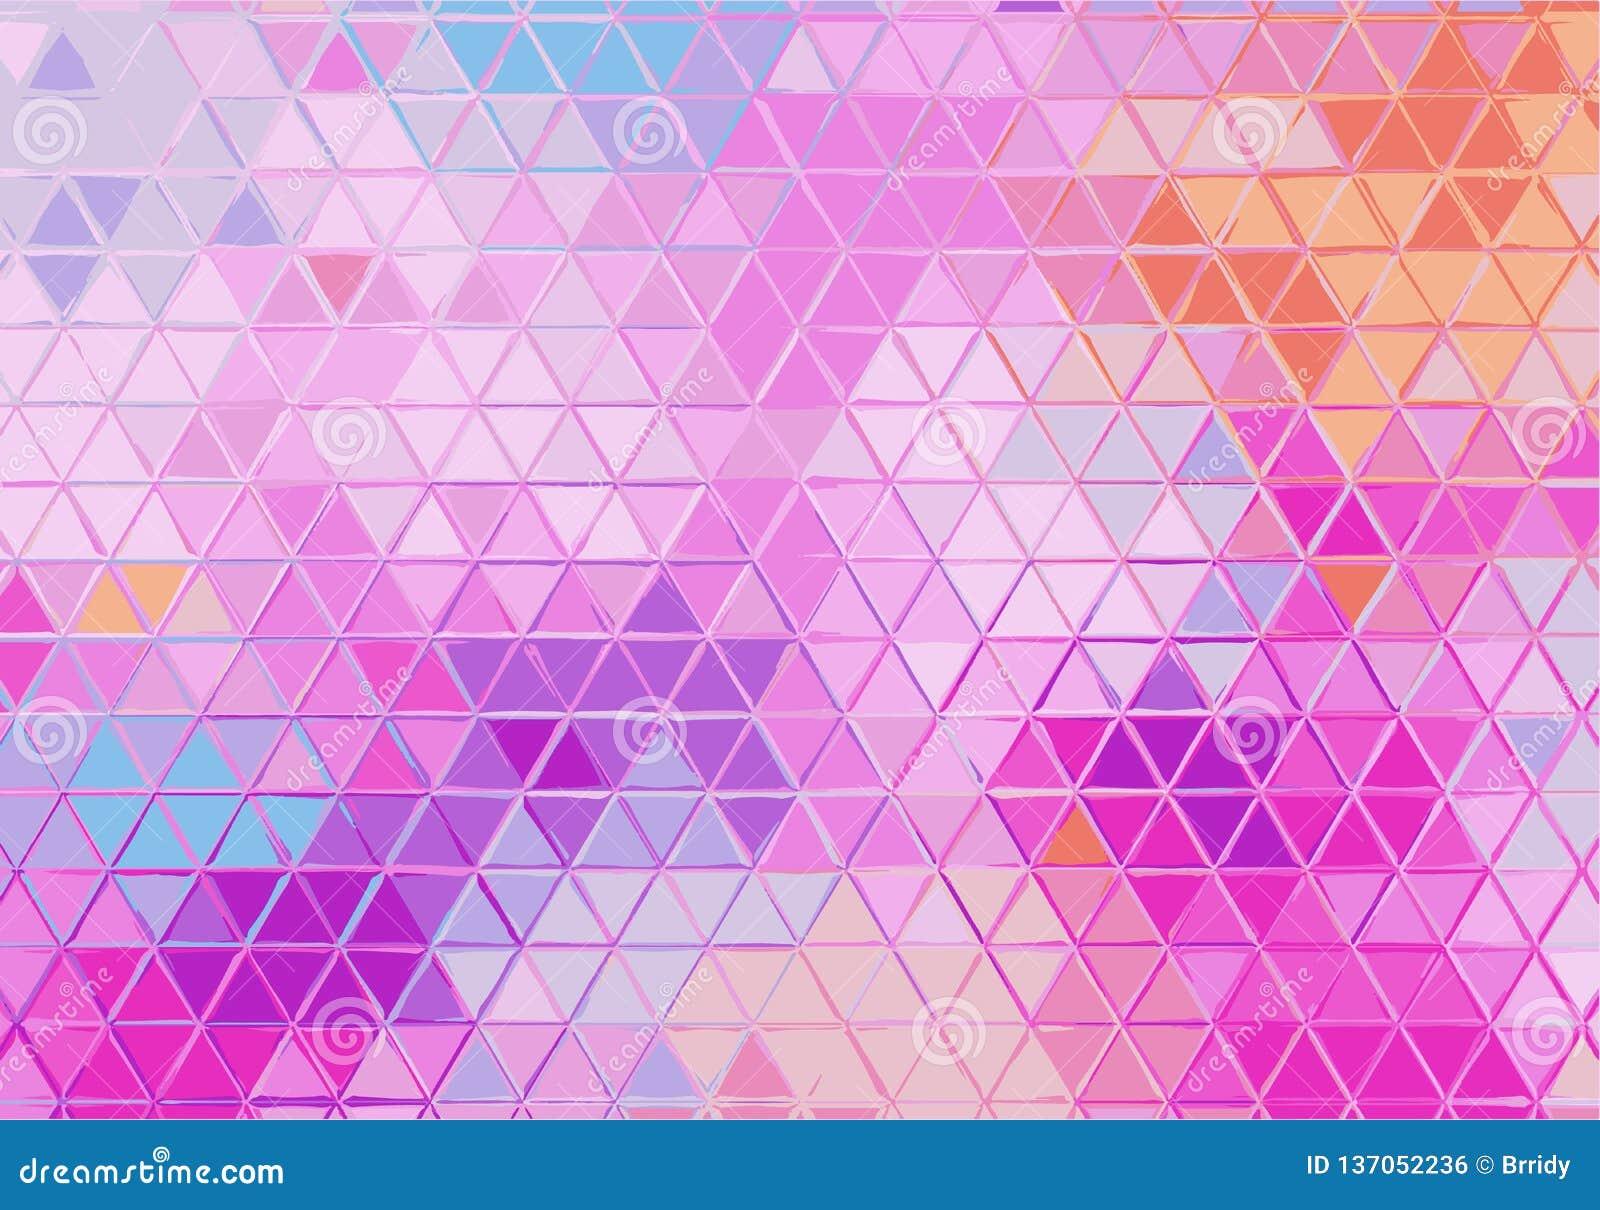 Fundo geométrico abstrato com triângulos coloridos Teste padrão com inclinação pastel Textura do vetor